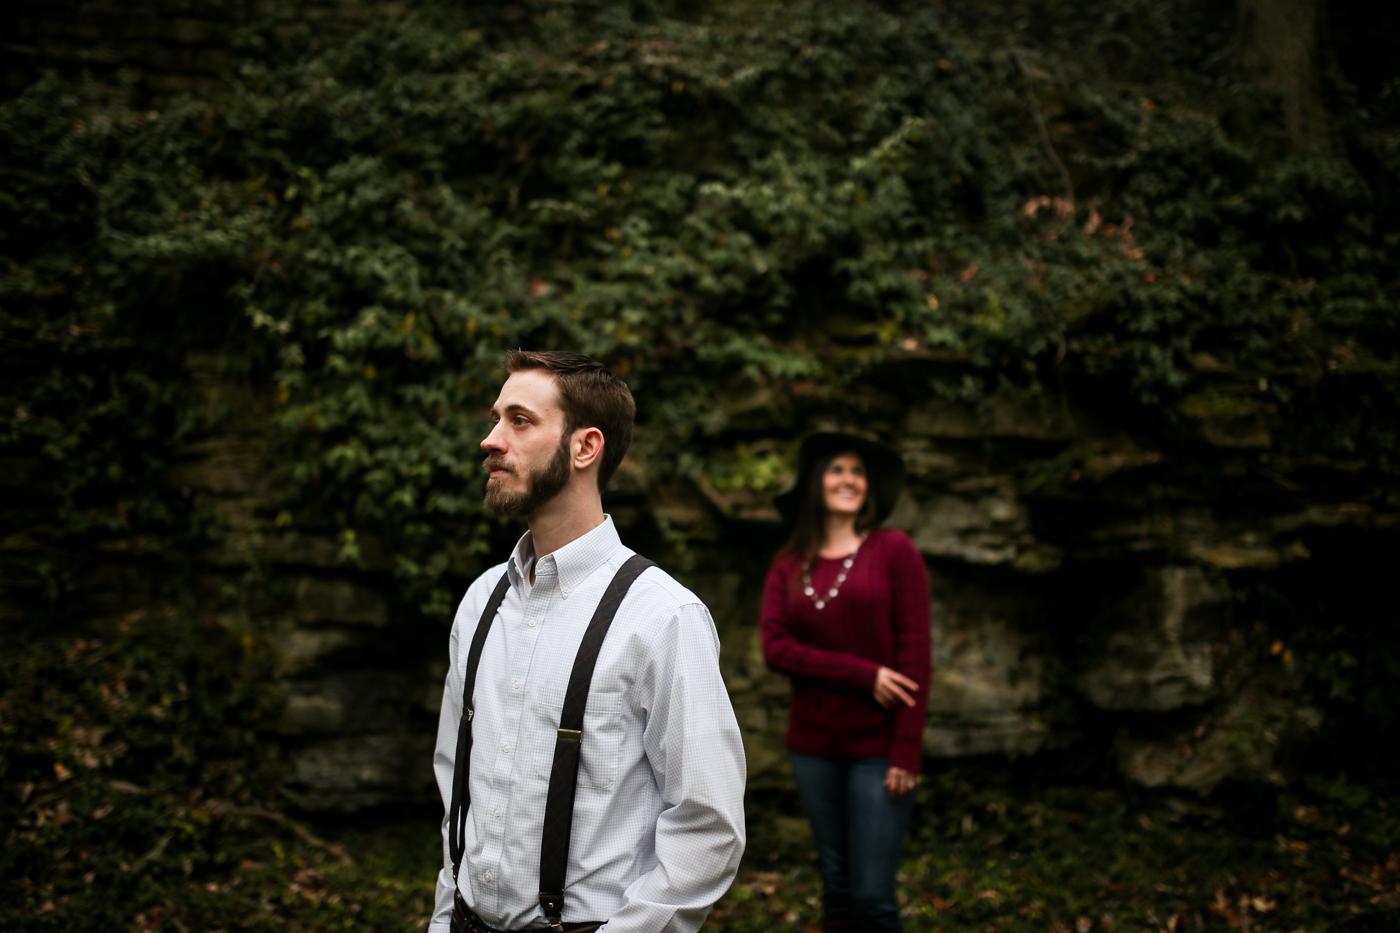 Fall-engagement-wedding-photographer-Kentucky-Bourbon-86.jpg